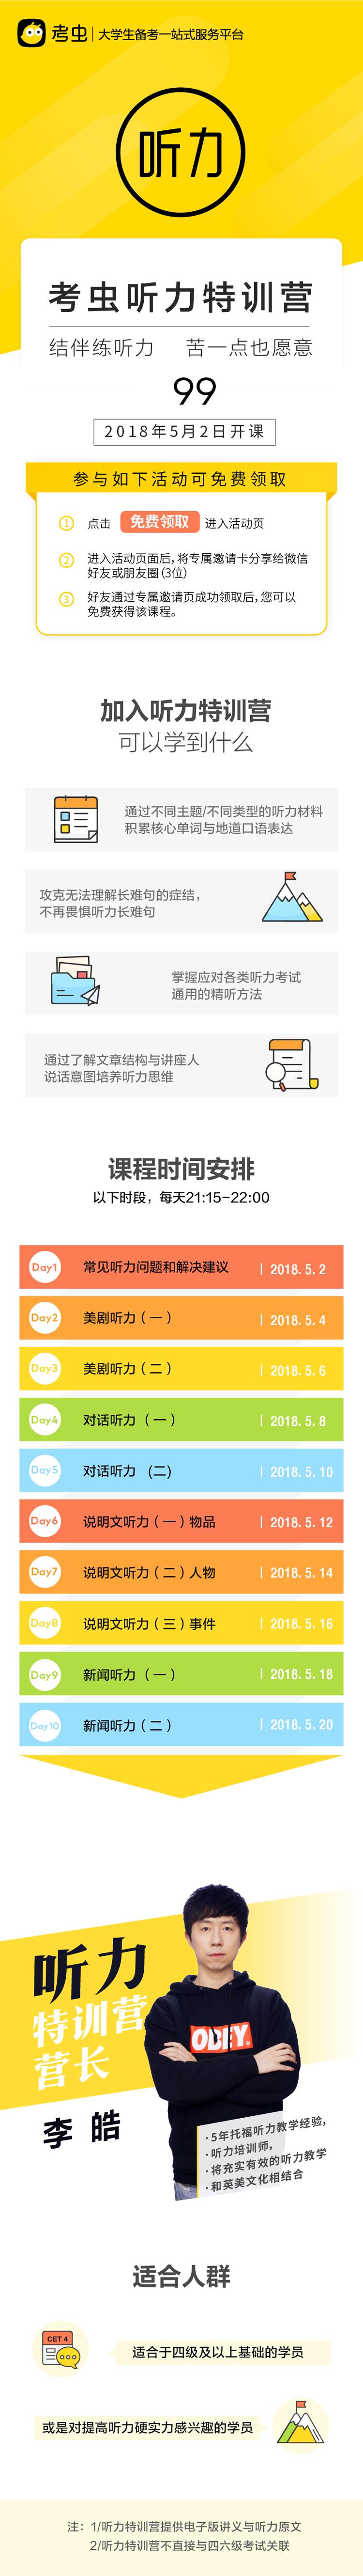 听力训练营_ios提审.png